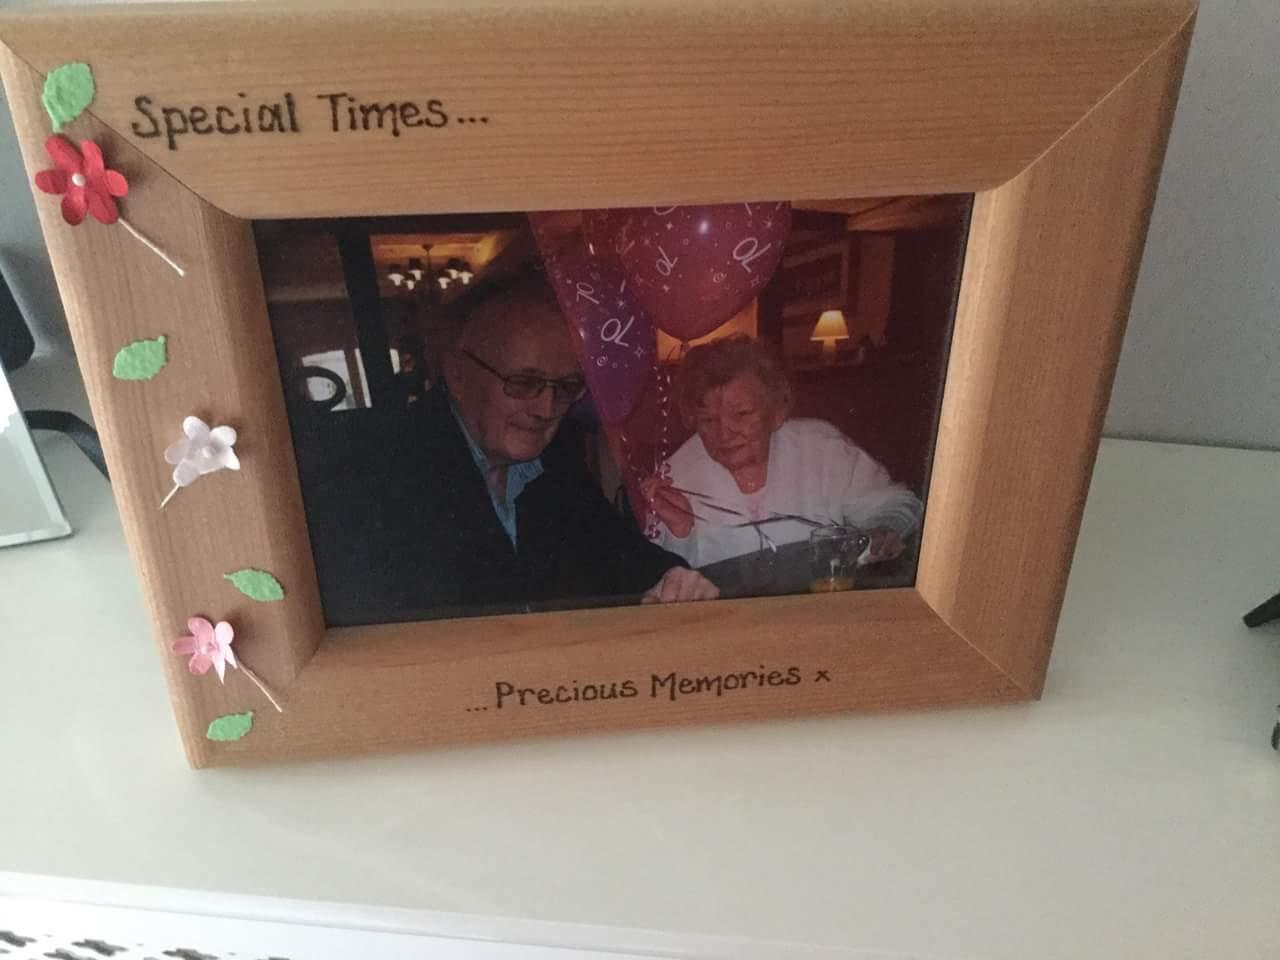 Special times precious memories photo frame